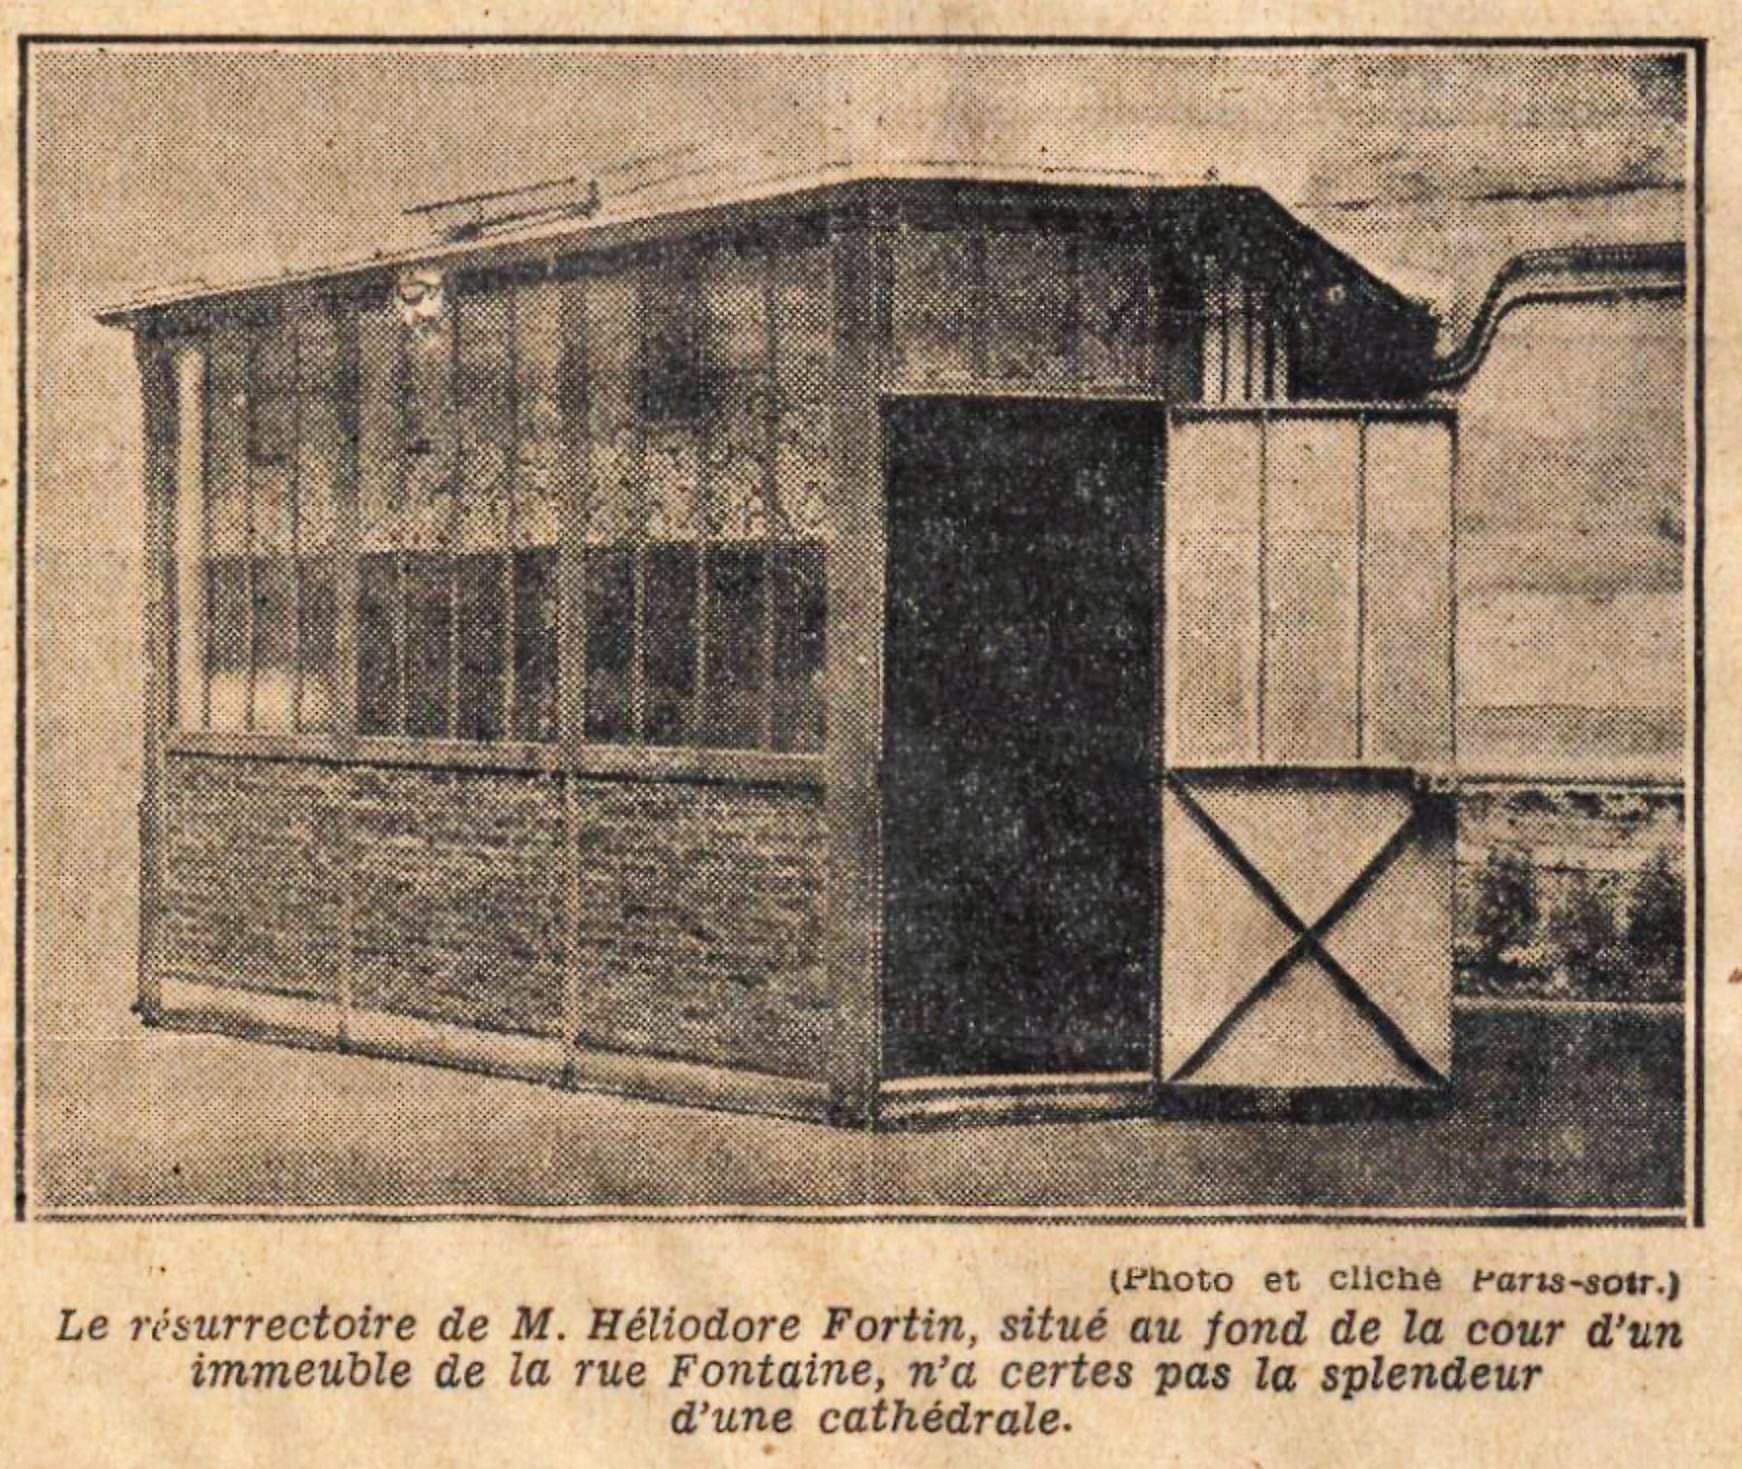 Heliodore Fortin Paris Soir 14 septembre 1931 La chapelle Fortin